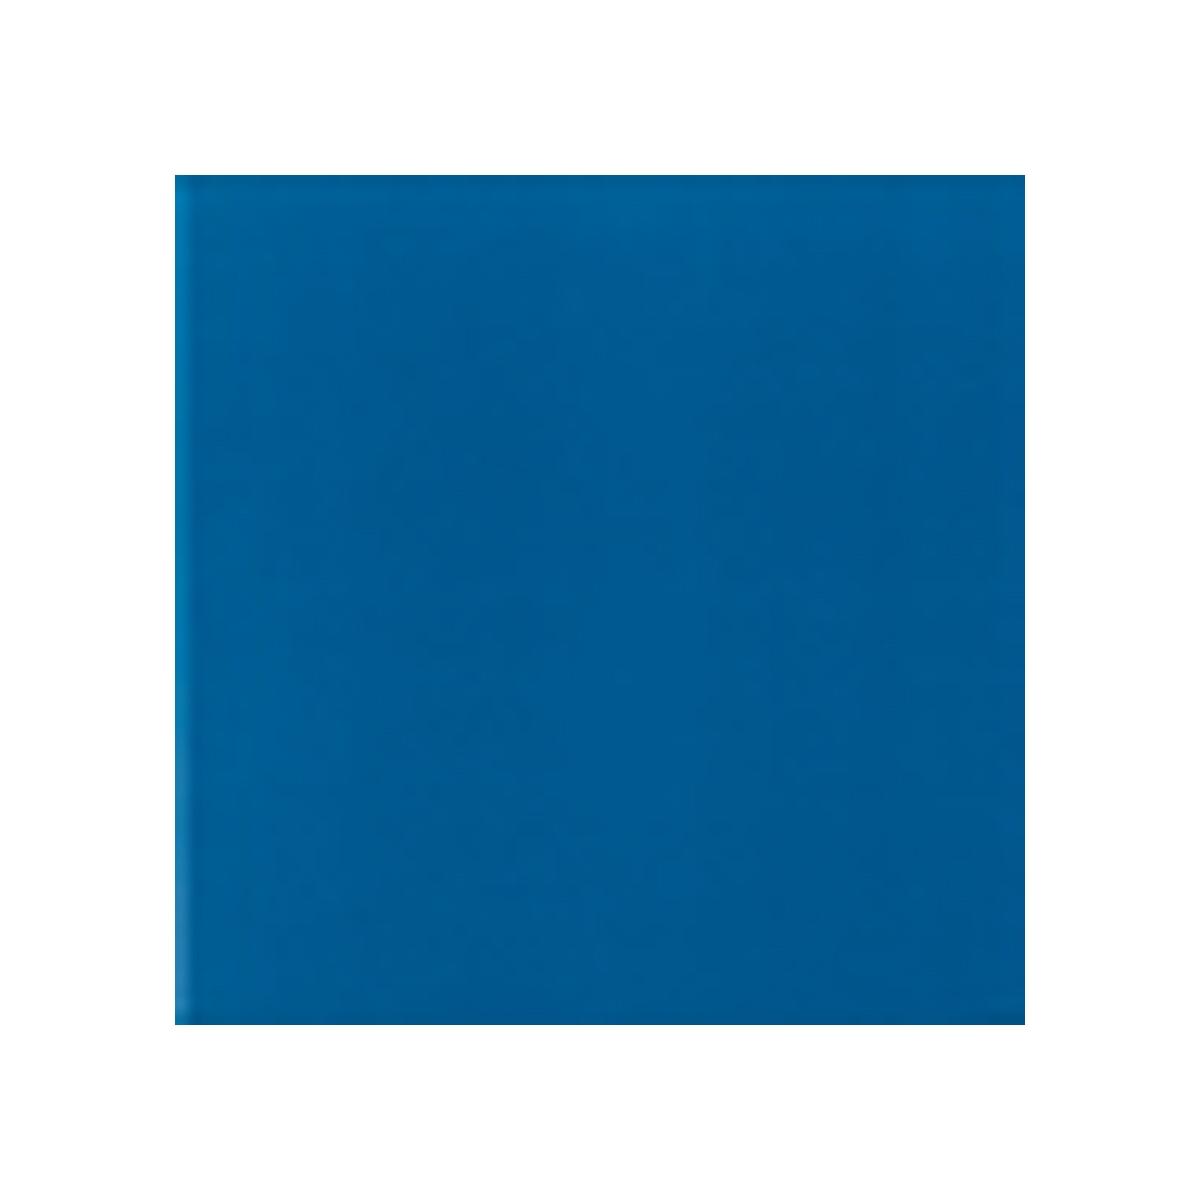 Color azul oscuro mate - Colección Colores Mate - Marca Mainzu